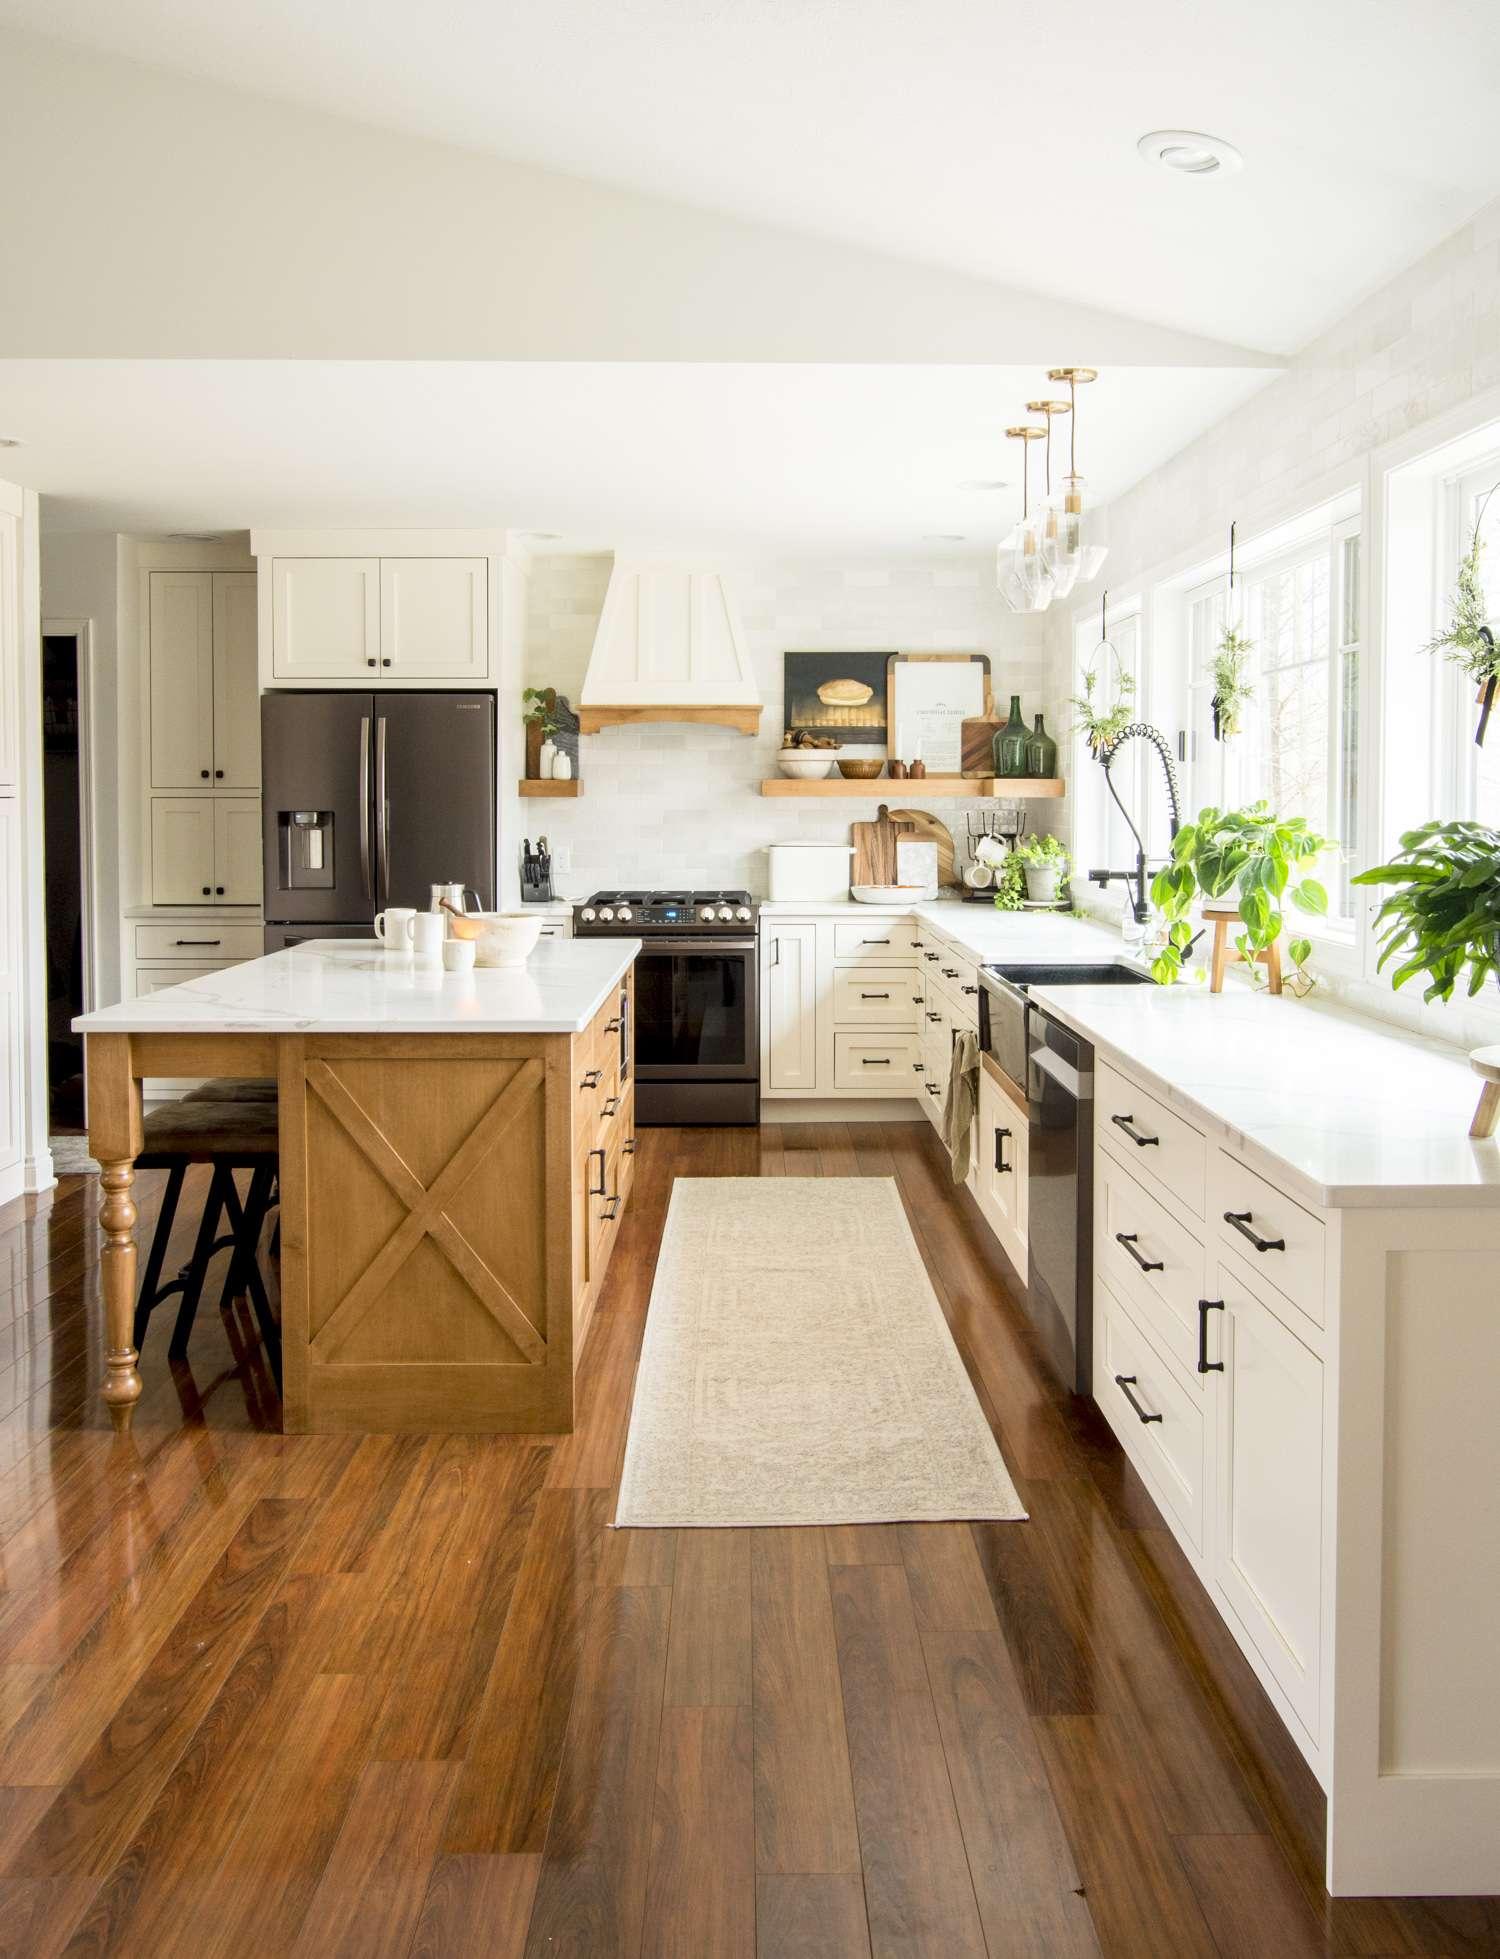 Modern farmhouse kitchen decor ideas.